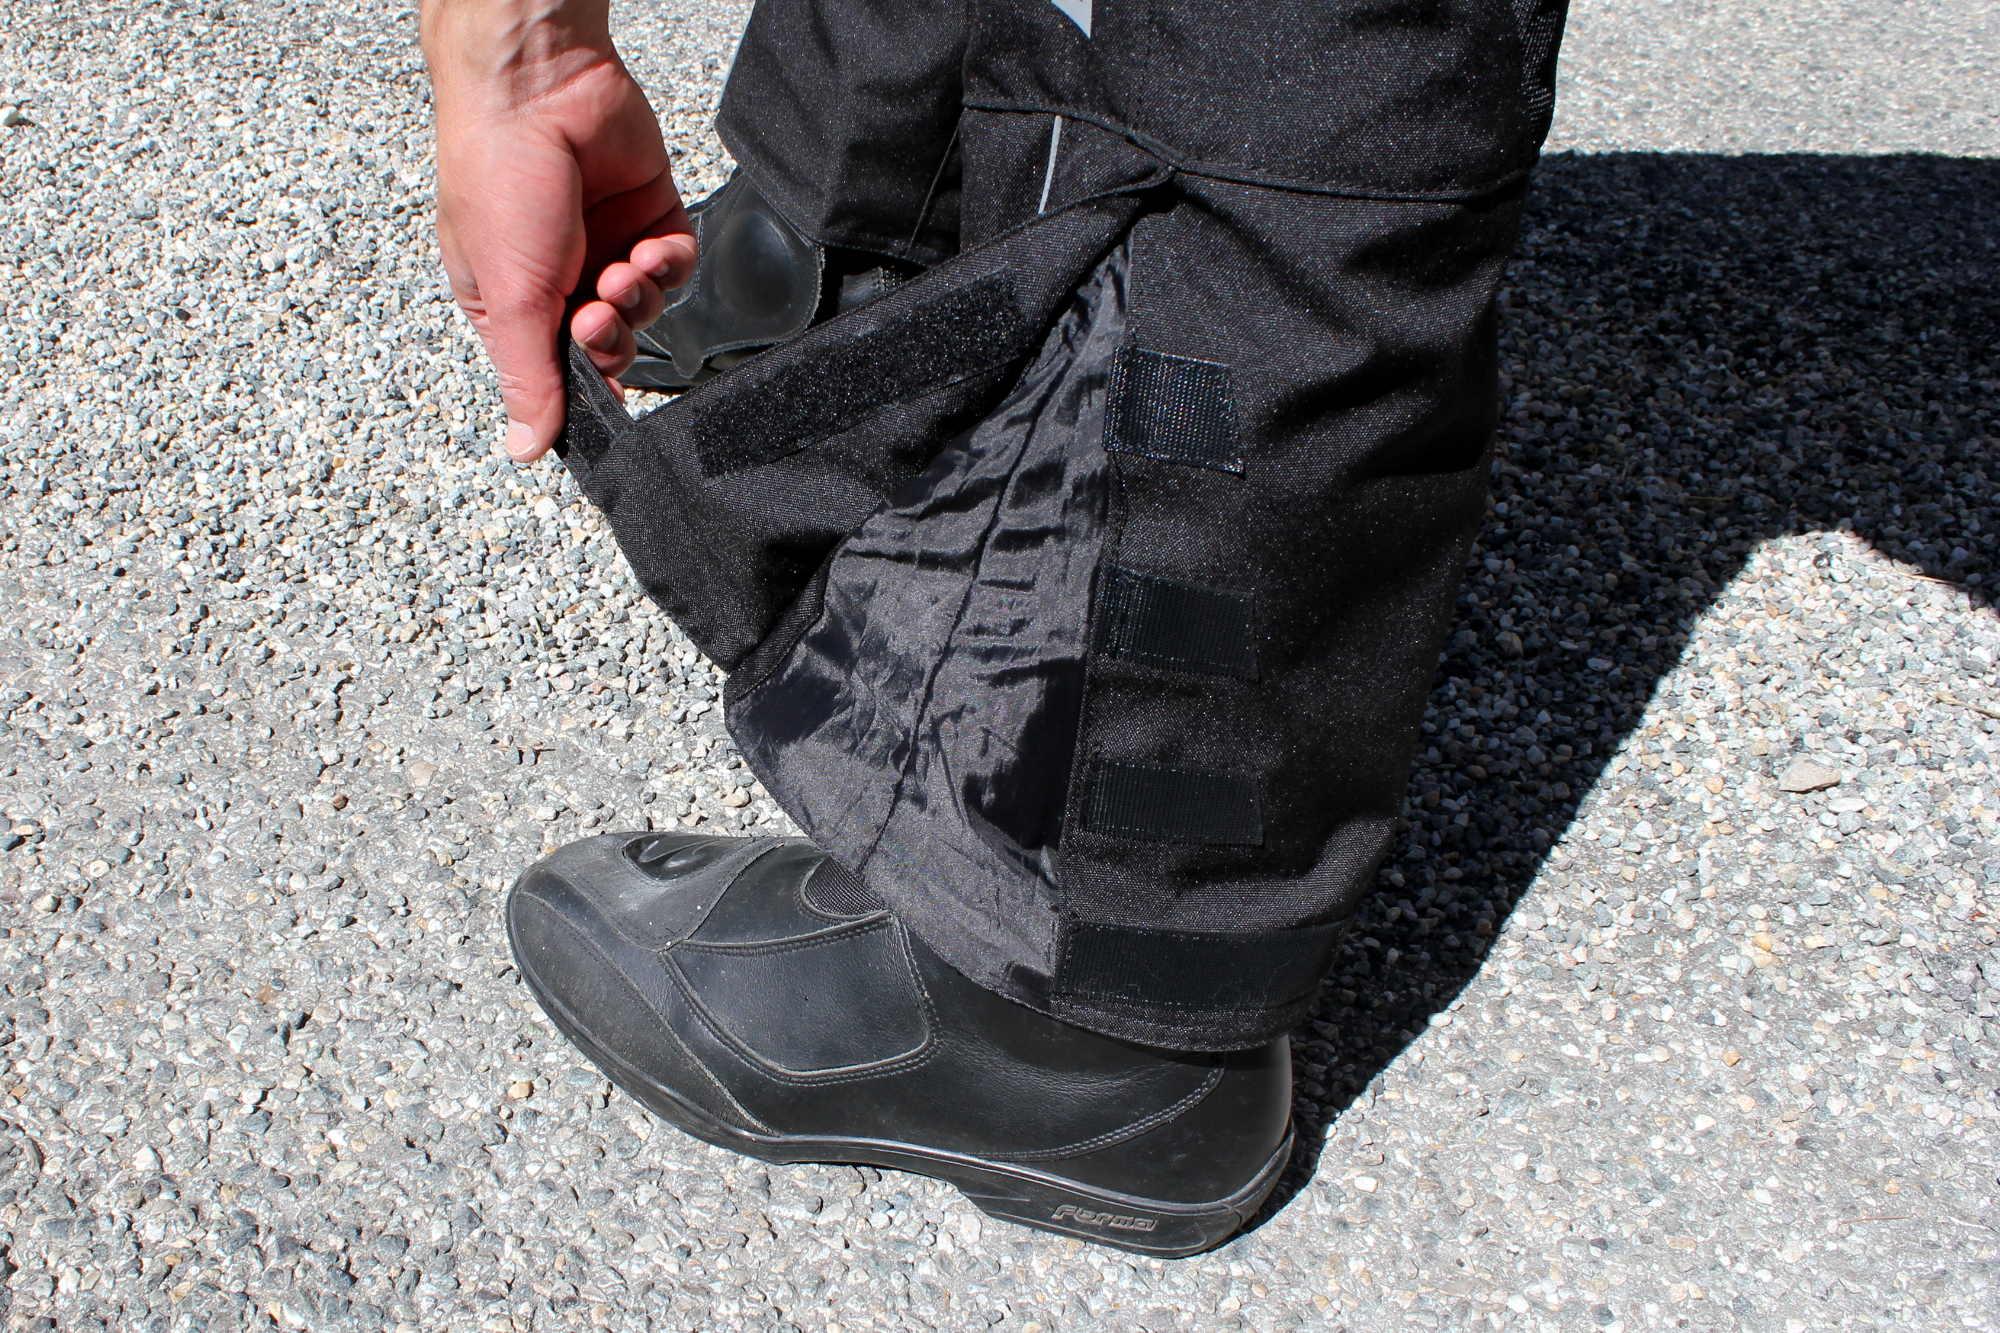 Lo mismo vale para las piernas, proporcionando un sistema de sujeción conveniente y confiable